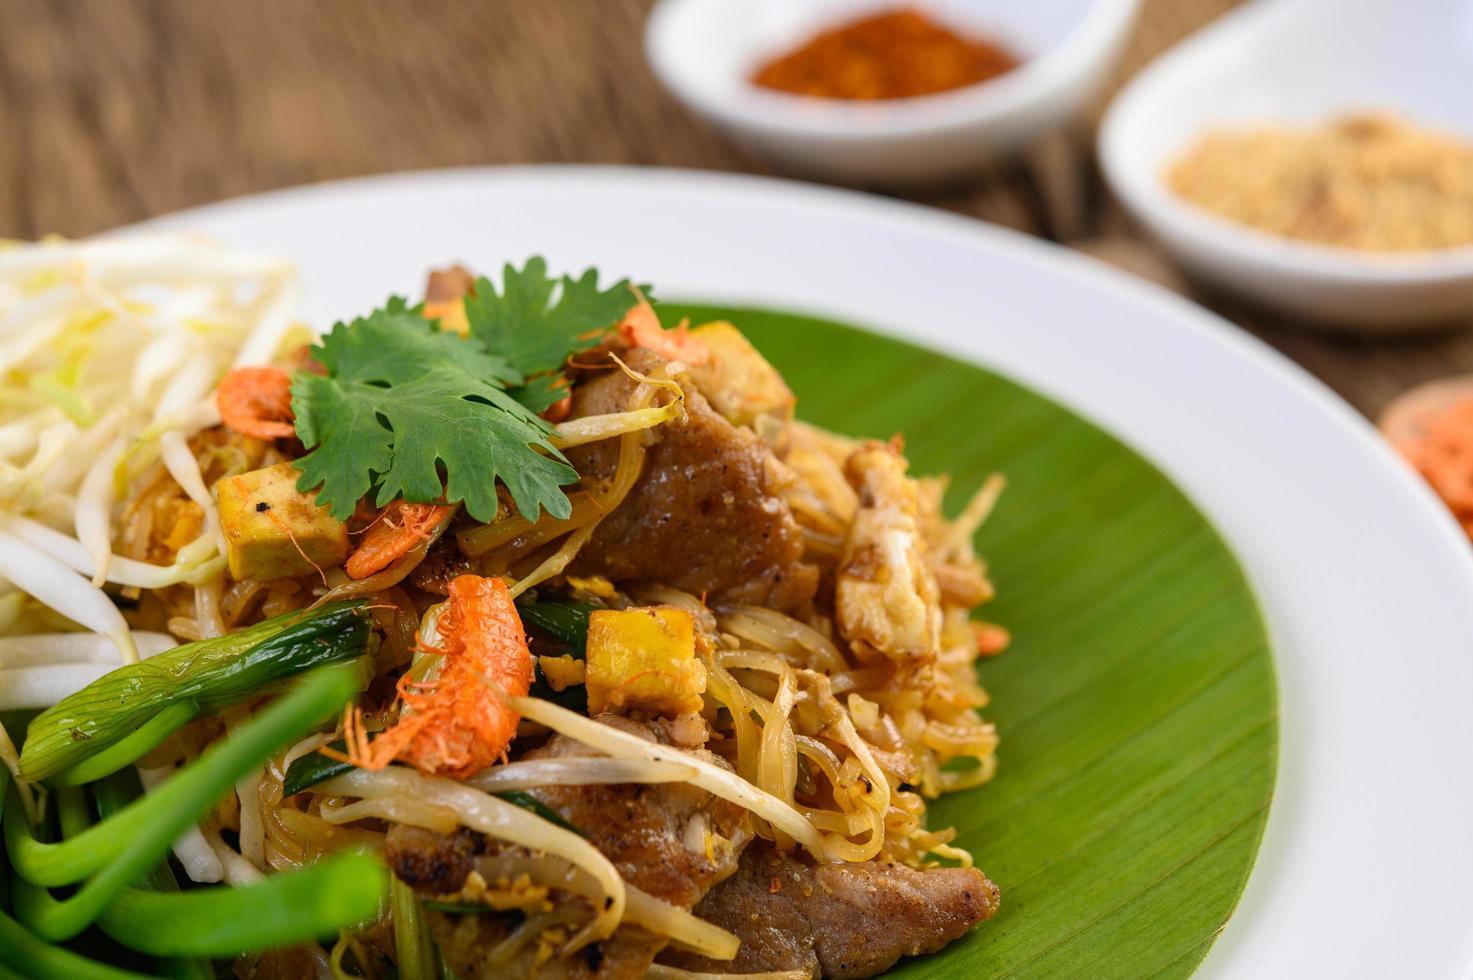 Pad thaï au citron, oeufs et assaisonnement sur une table en bois photo